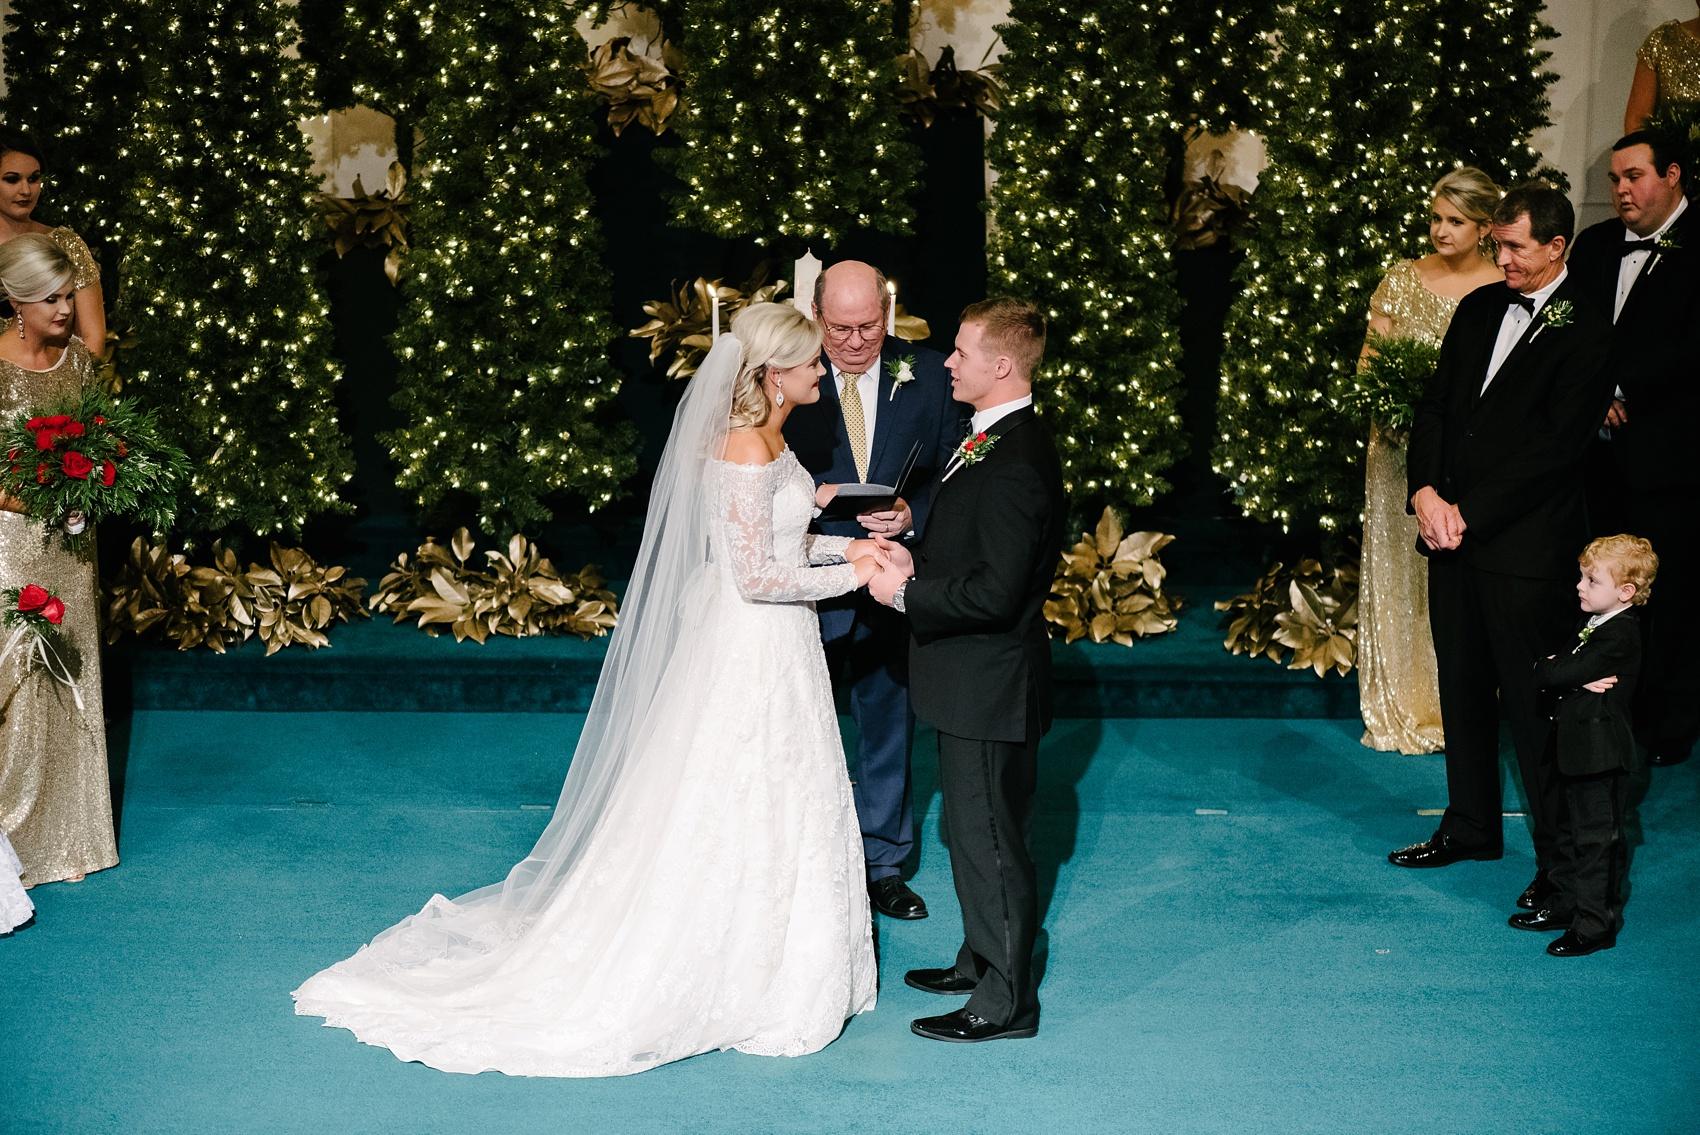 stillco_wedding_3196.jpg